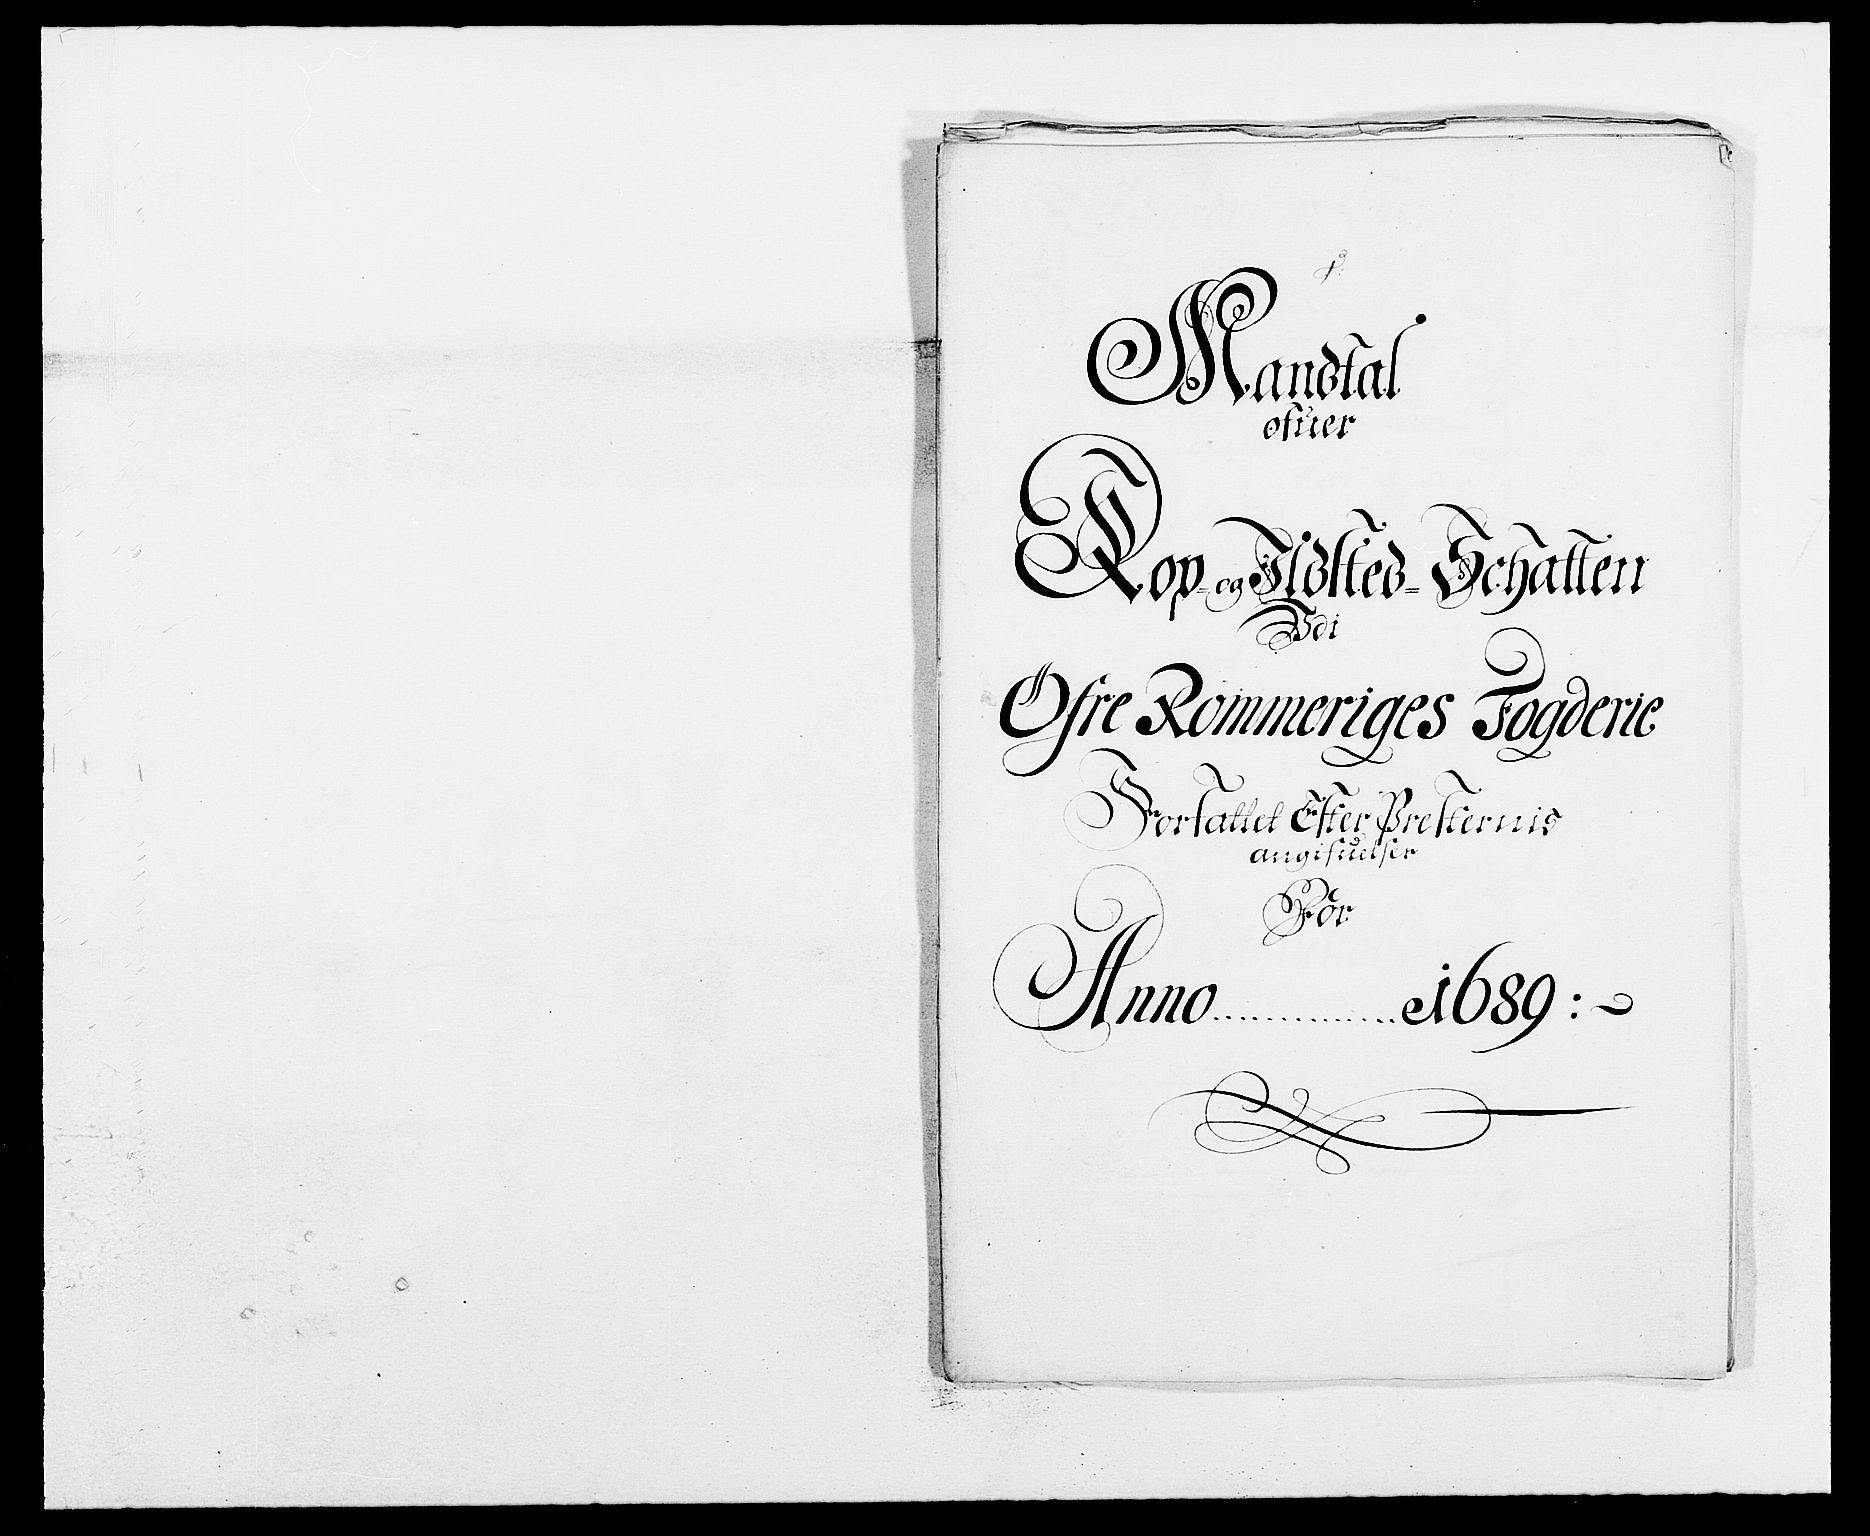 RA, Rentekammeret inntil 1814, Reviderte regnskaper, Fogderegnskap, R12/L0701: Fogderegnskap Øvre Romerike, 1689, s. 204